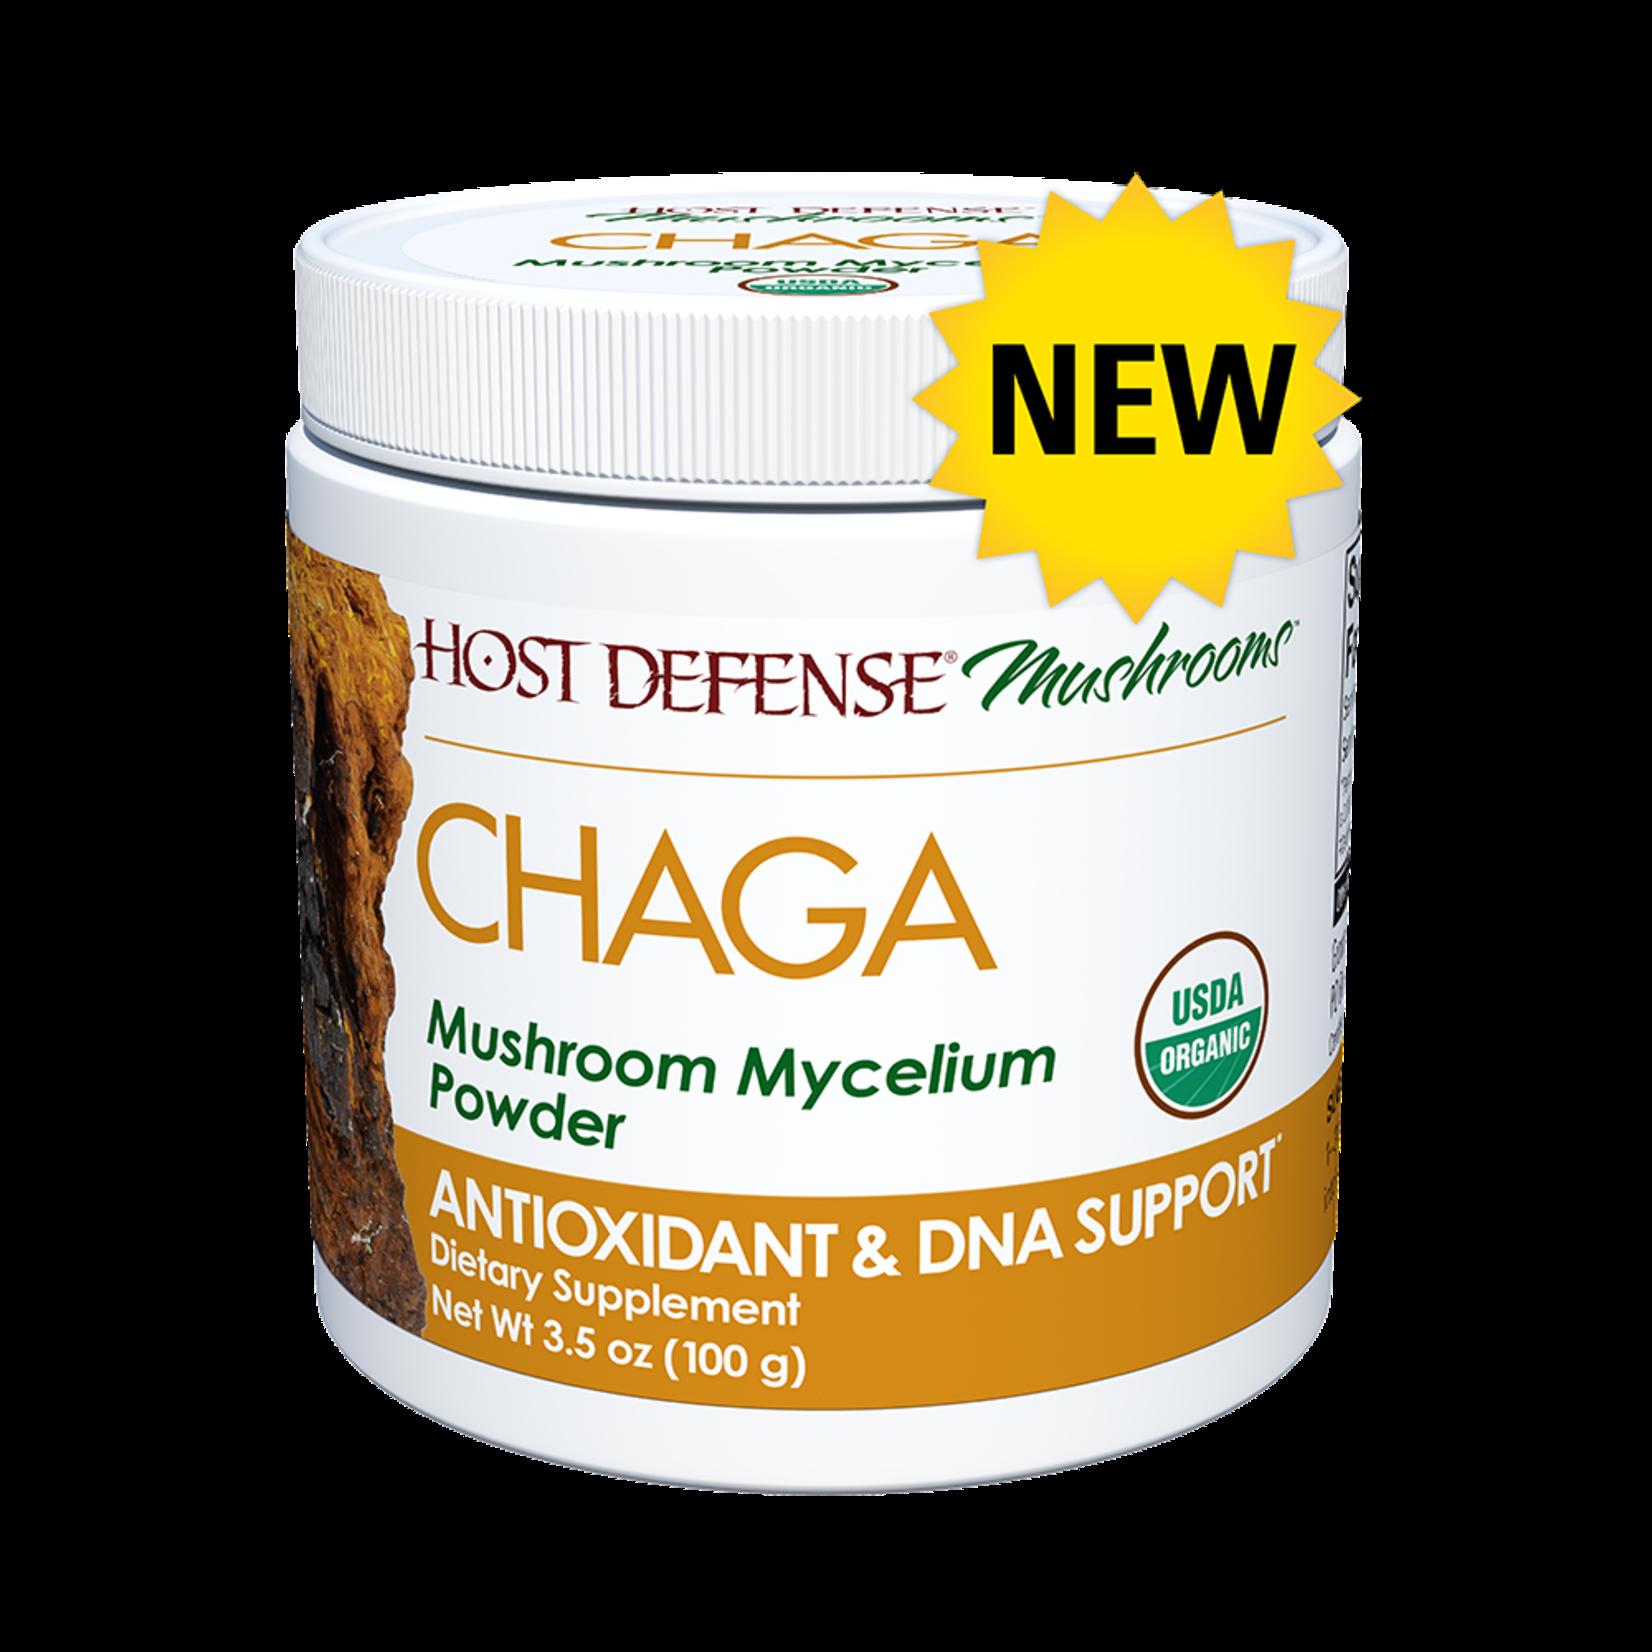 Host Defense HD Chaga Powder 3.5oz